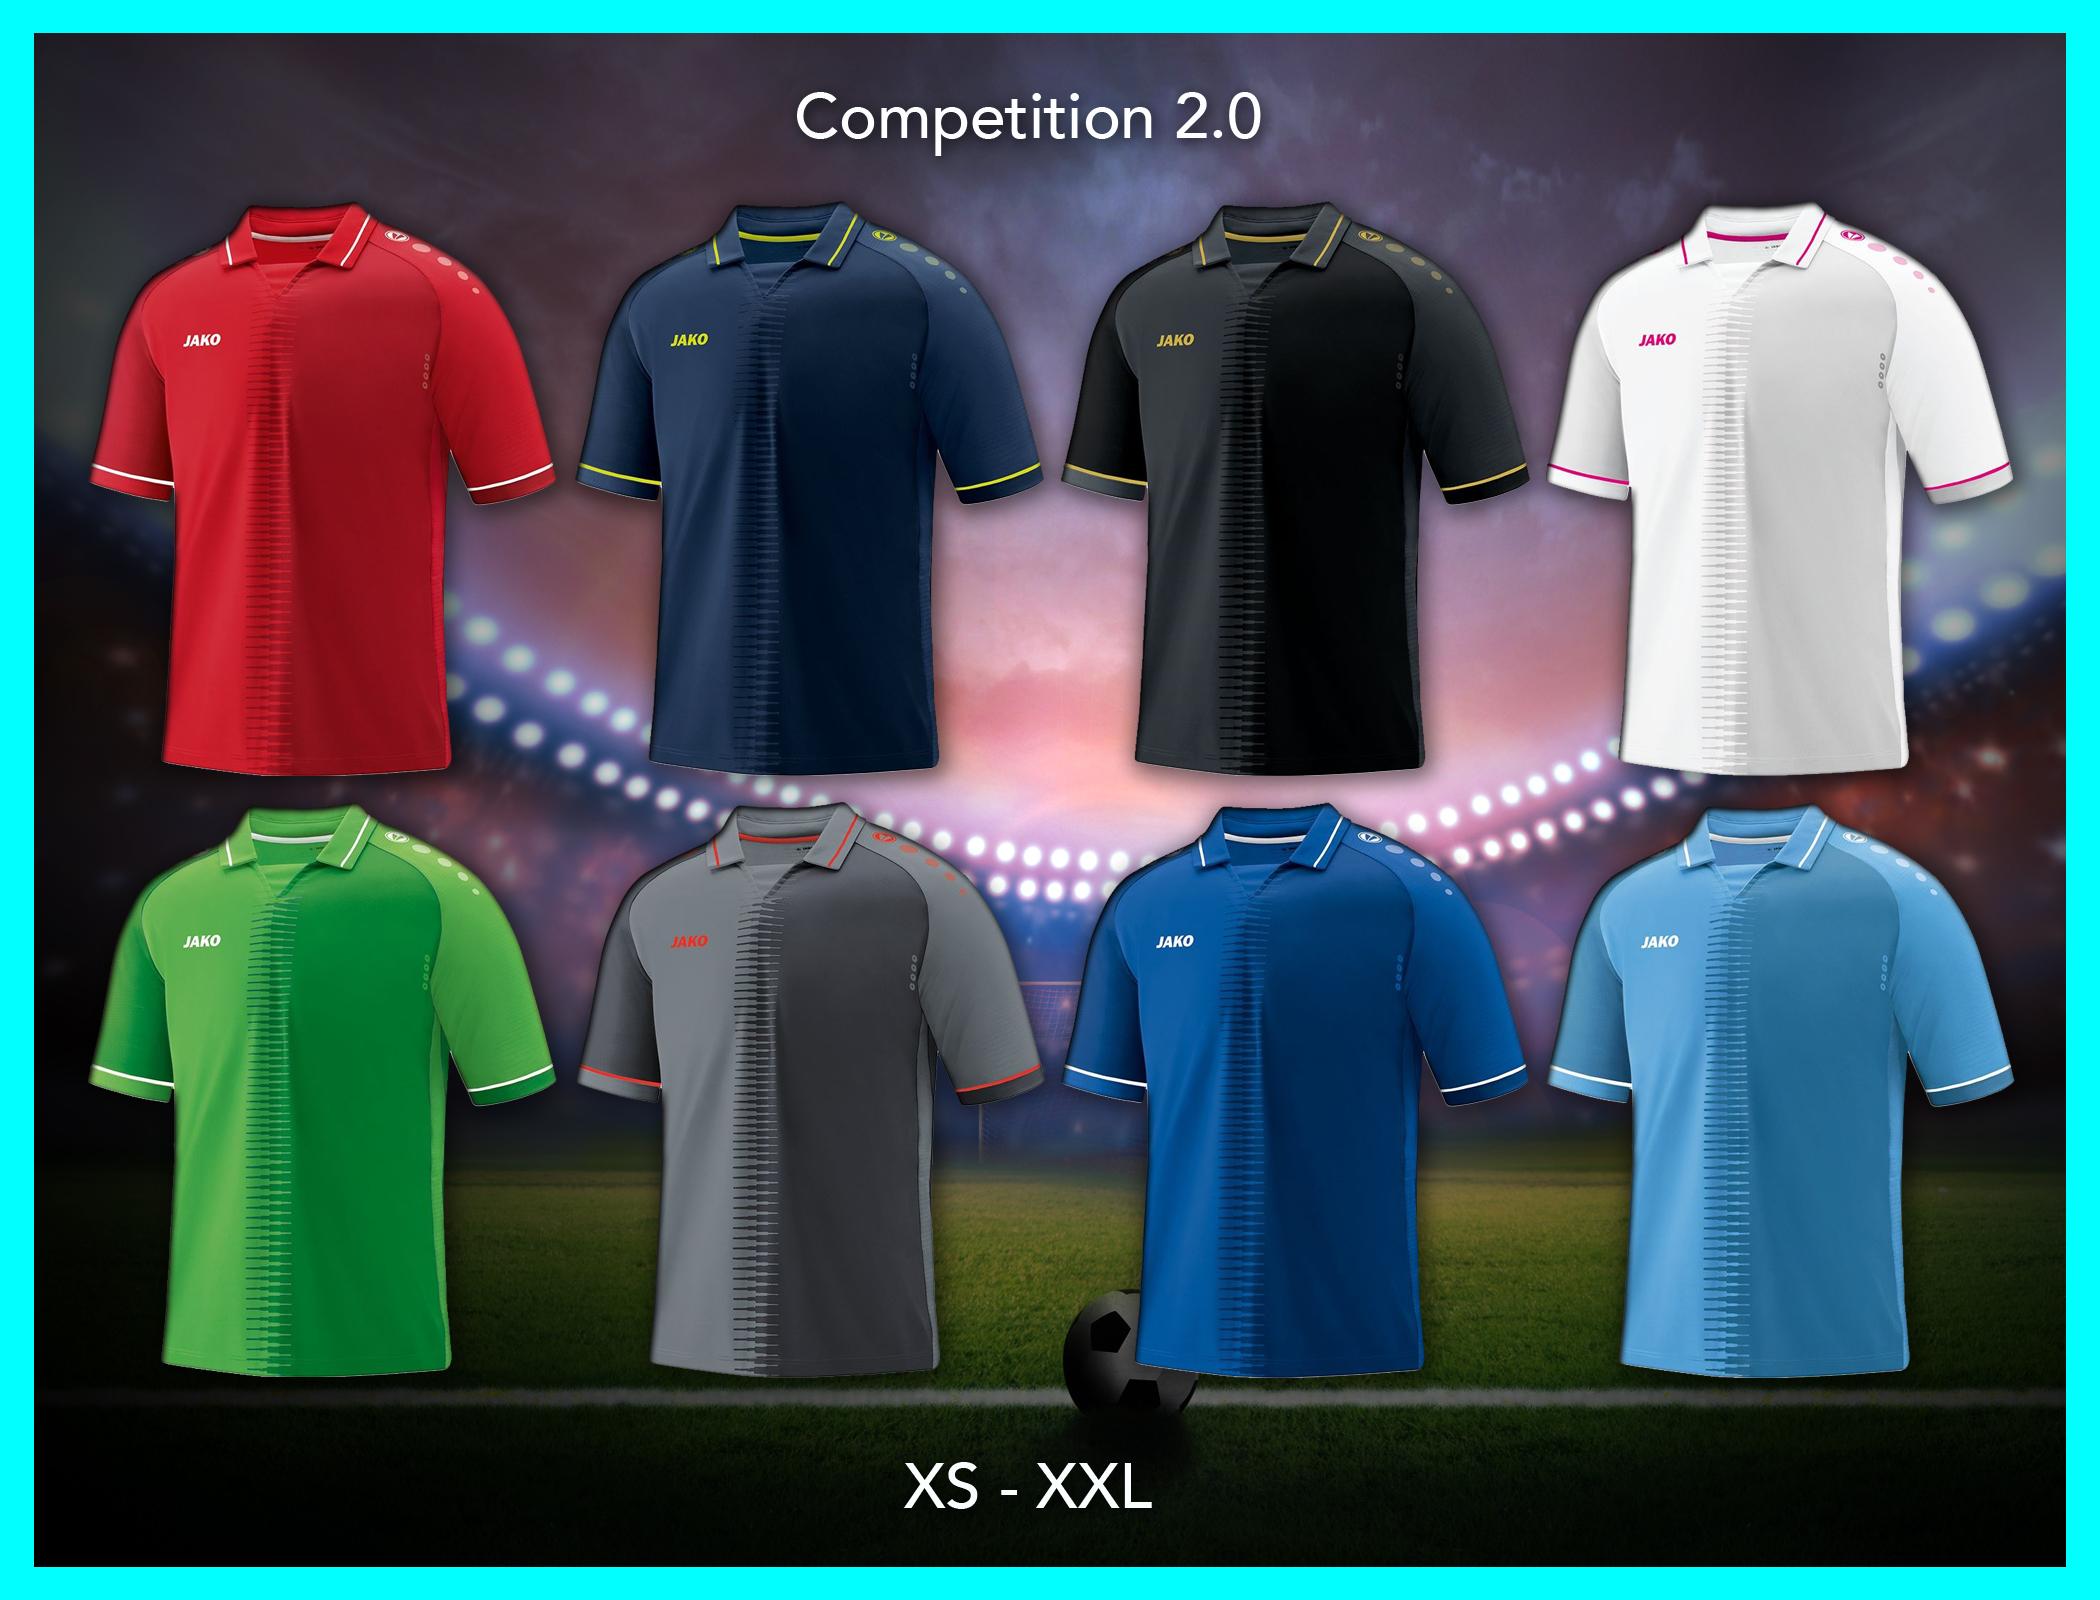 Jalkapallopaita competition 2.0